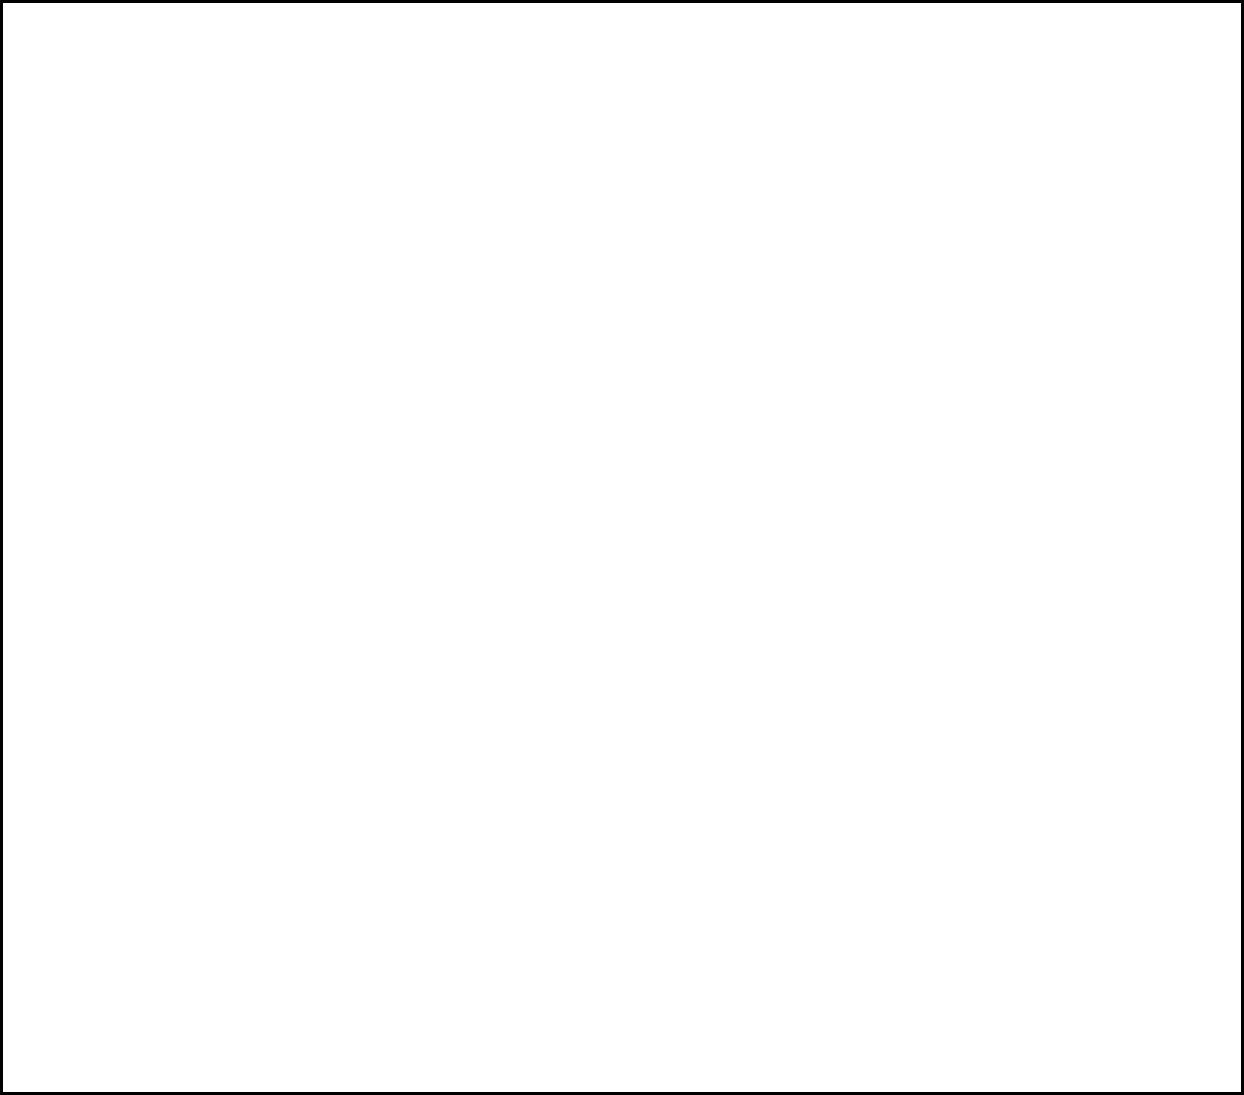 Naked Truth Ltd